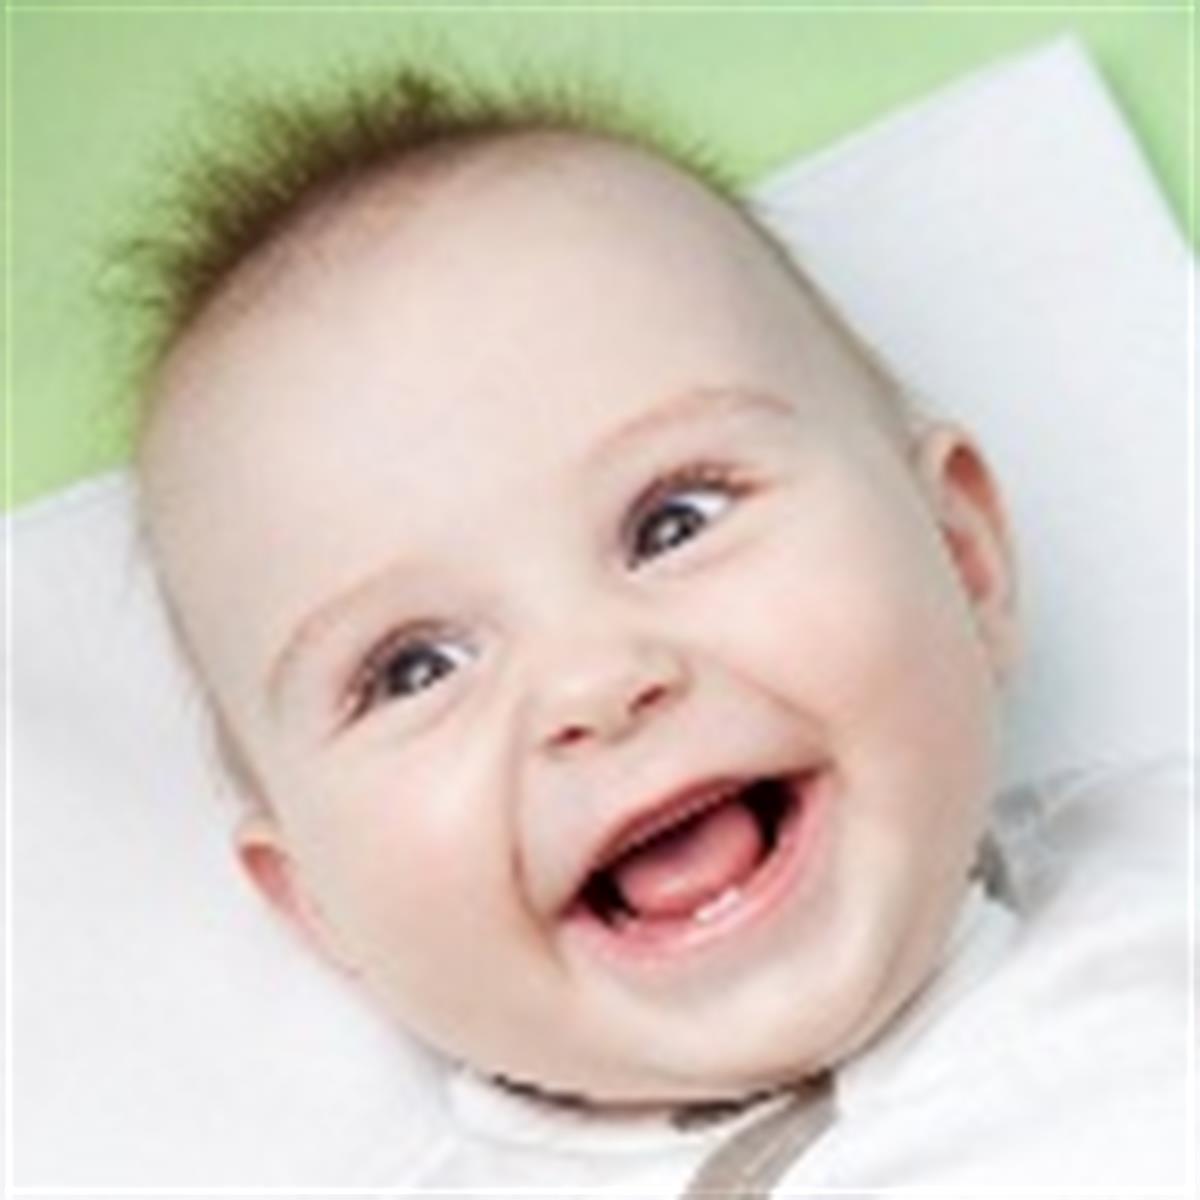 El Color De Los Ojos Del Recién Nacido Healthychildren Org